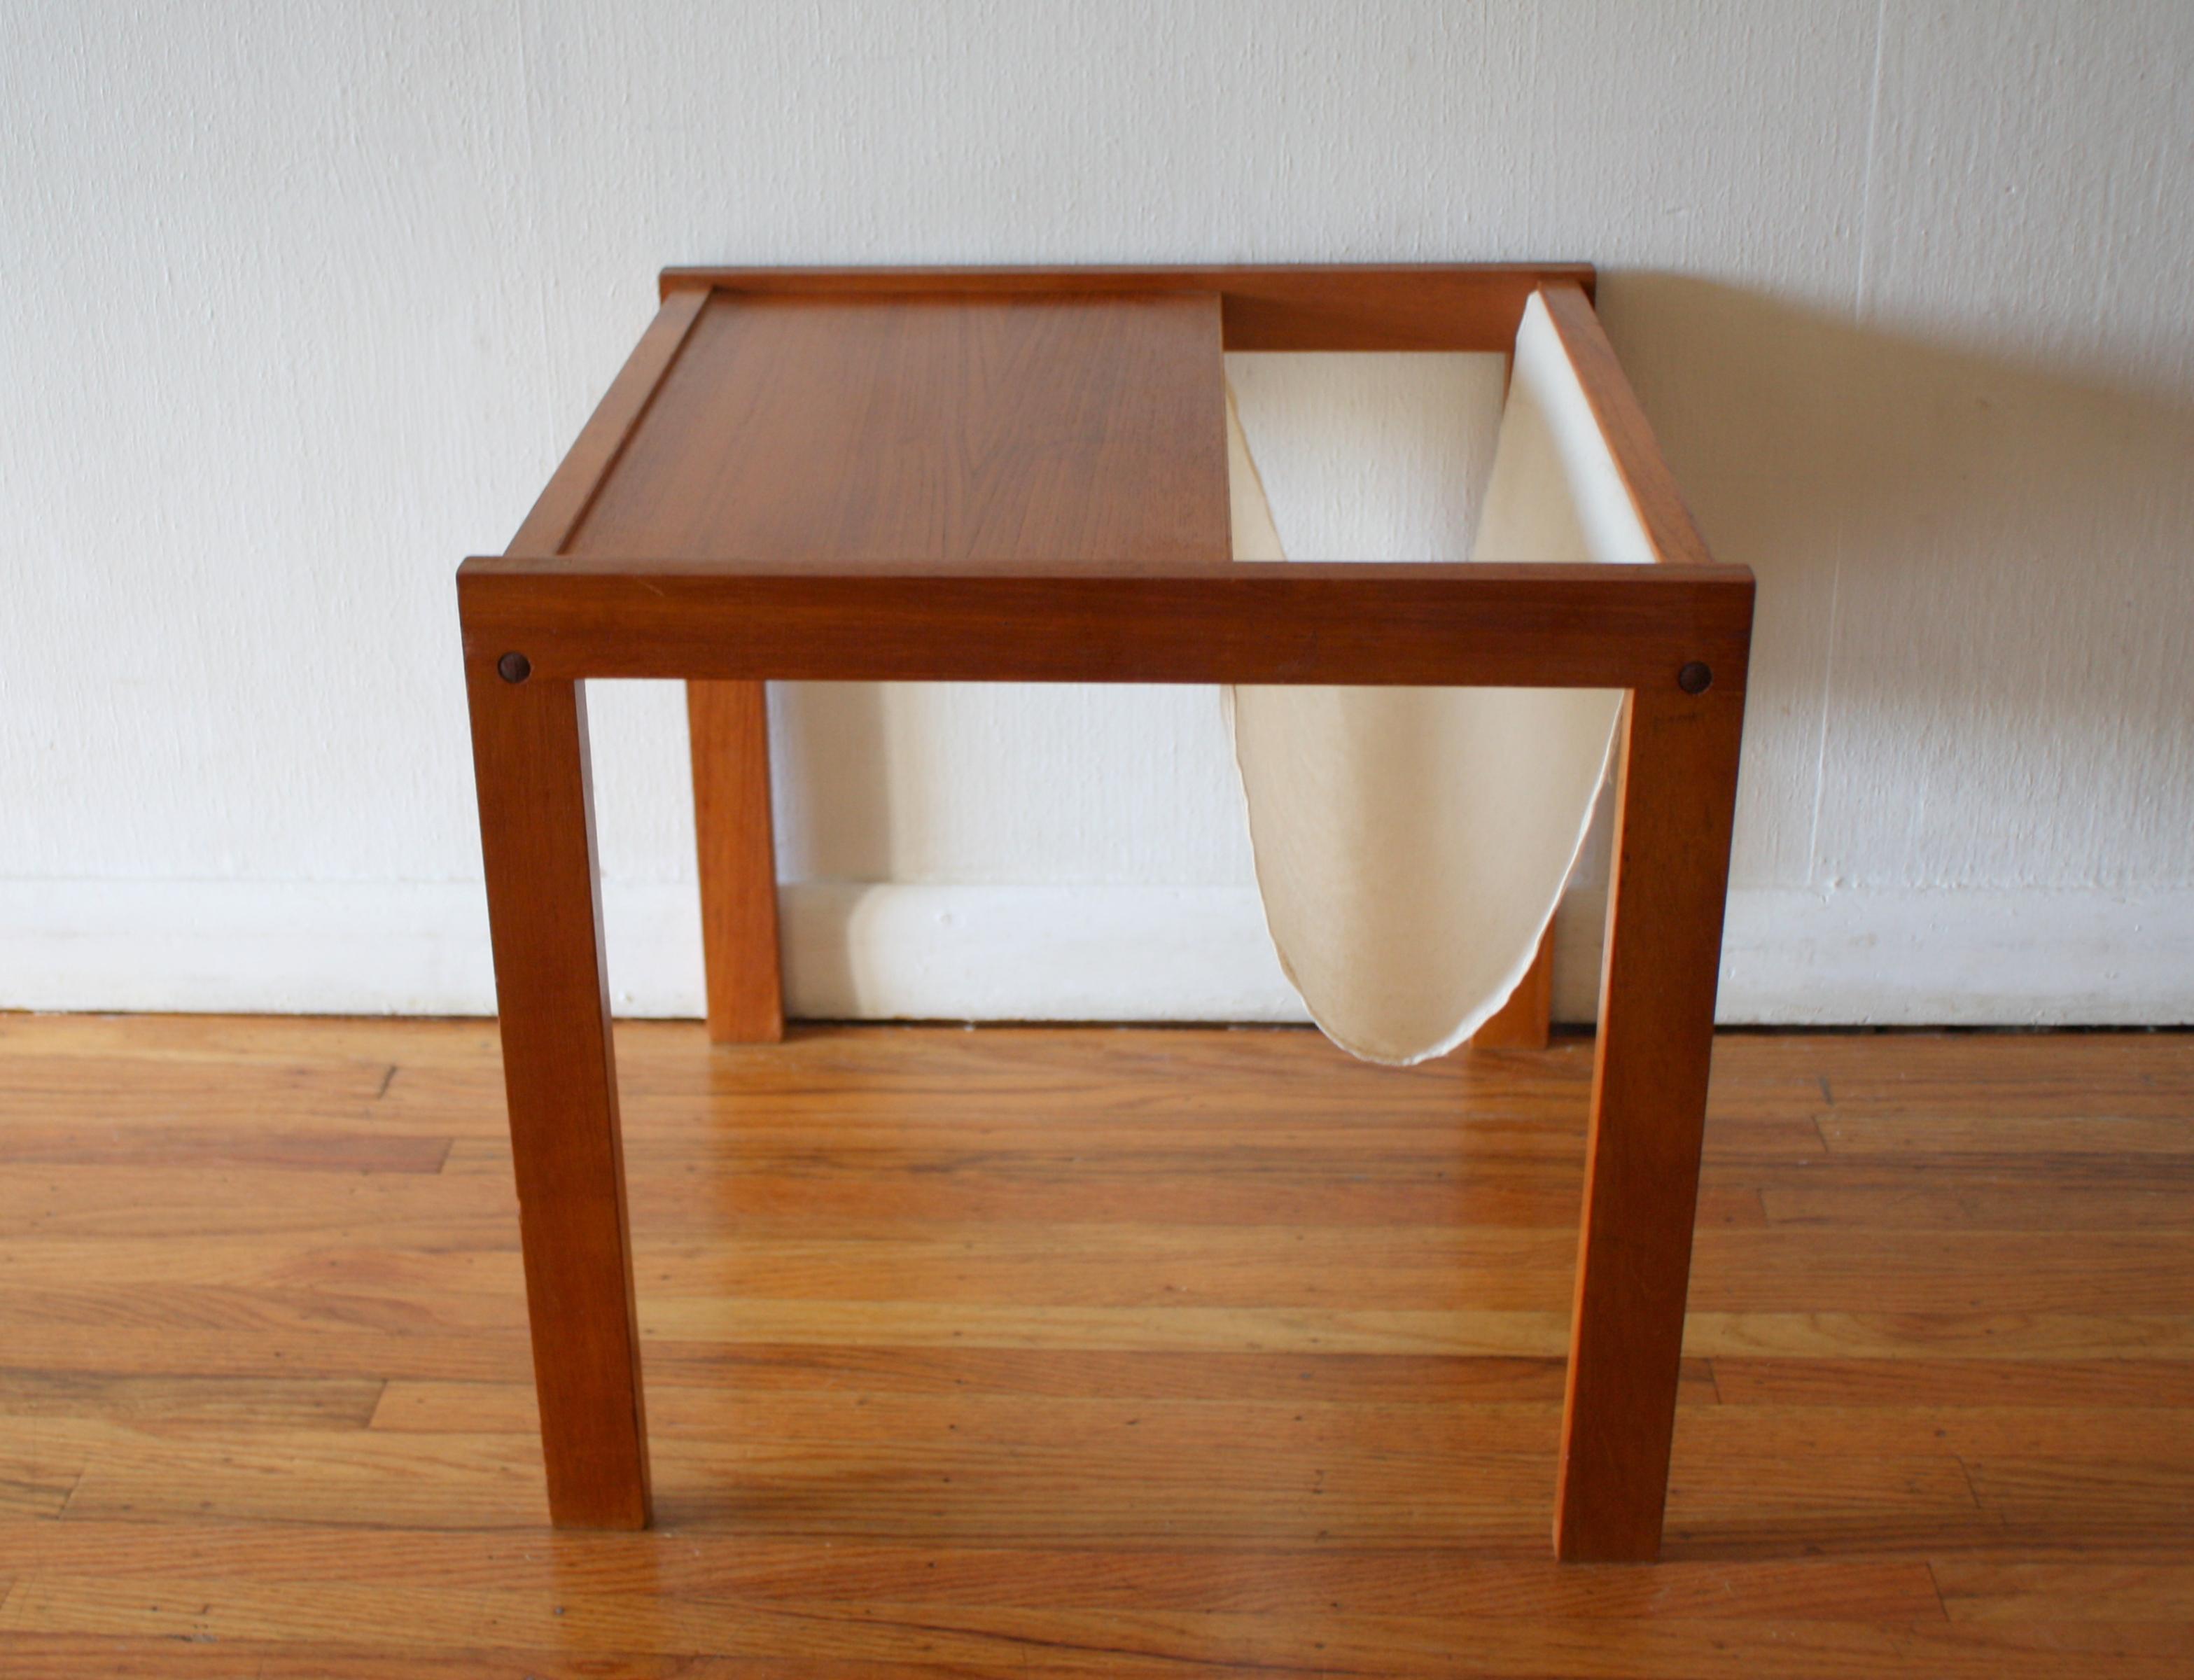 mcm Danish magzine table stand 1.JPG